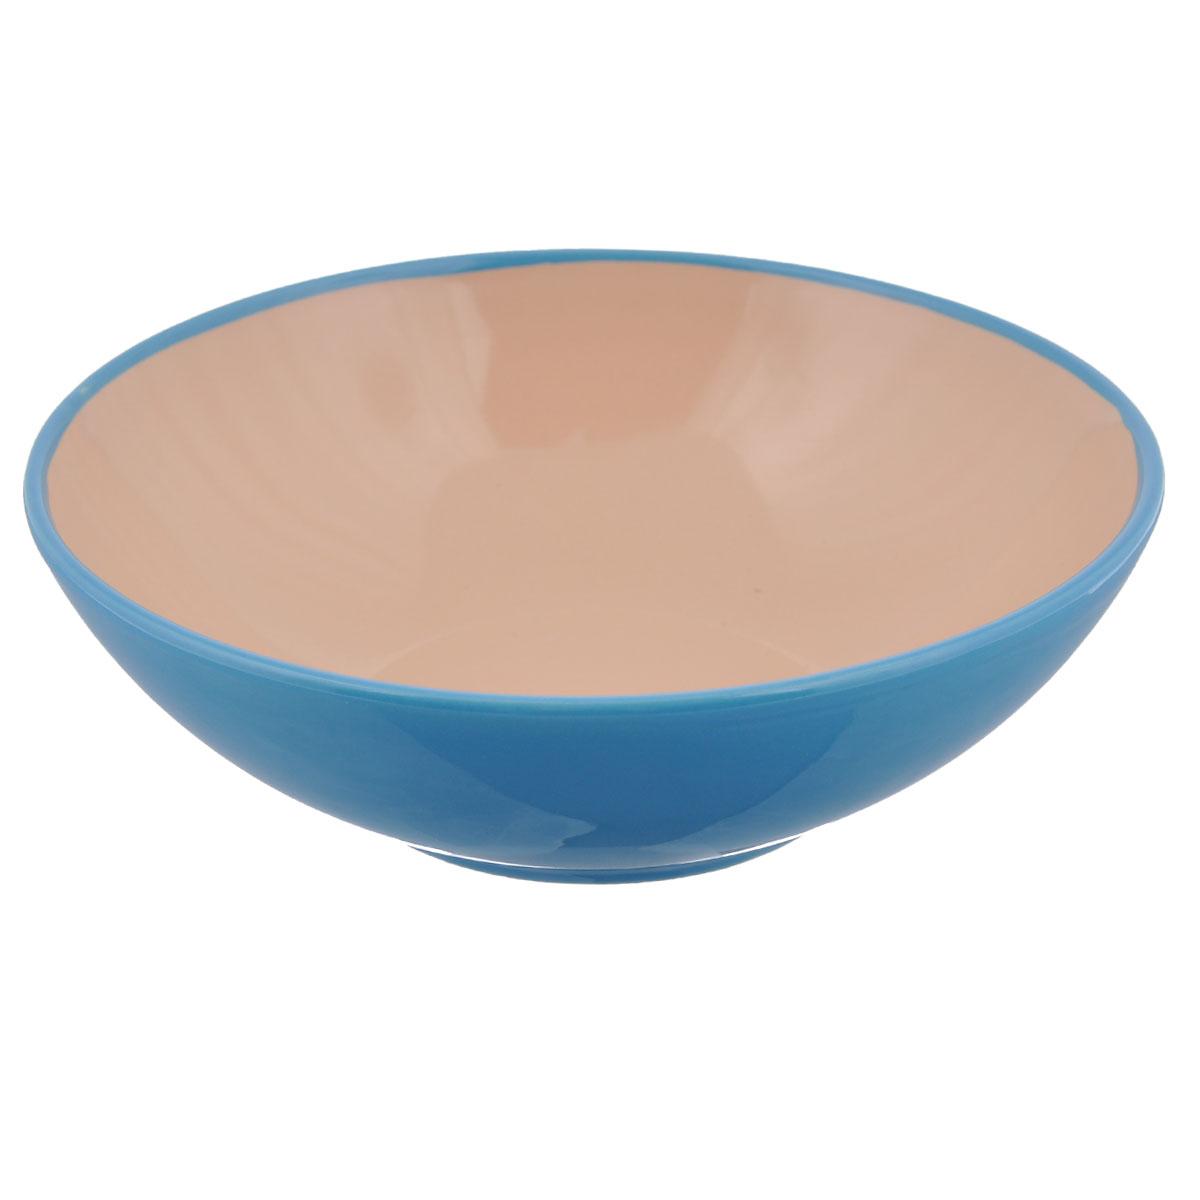 Салатник Shenzhen Xin Tianli, цвет: бирюзовый, 580 млTLSDW-9Салатник Shenzhen Xin Tianli изготовлен из керамики, покрытой слоем сверкающей глазури. Салатник прекрасно подходит для сервировки салатов, фруктов, ягод и других продуктов. Яркий дизайн стильно украсит стол. Идеальный вариант для ежедневного использования.Объем: 580 мл.Диаметр салатника (по верхнему краю): 18 см.Высота стенки салатника: 6 см.